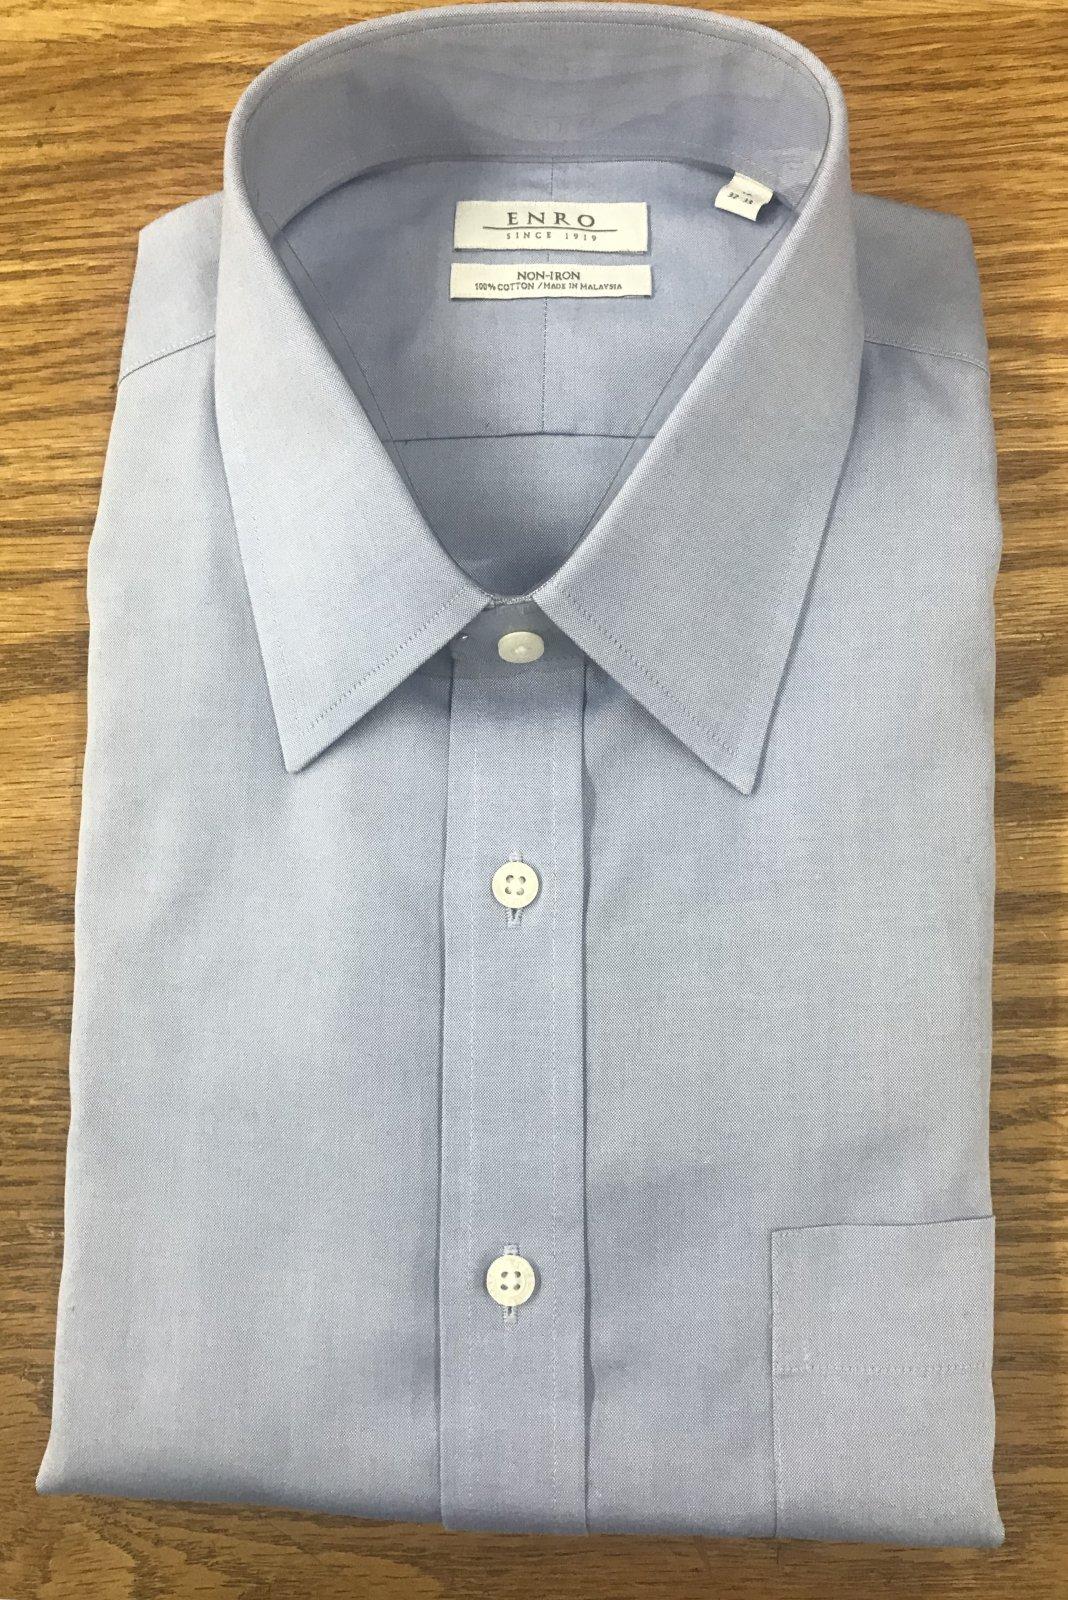 Enro LS Dress Shirt 111010 8032